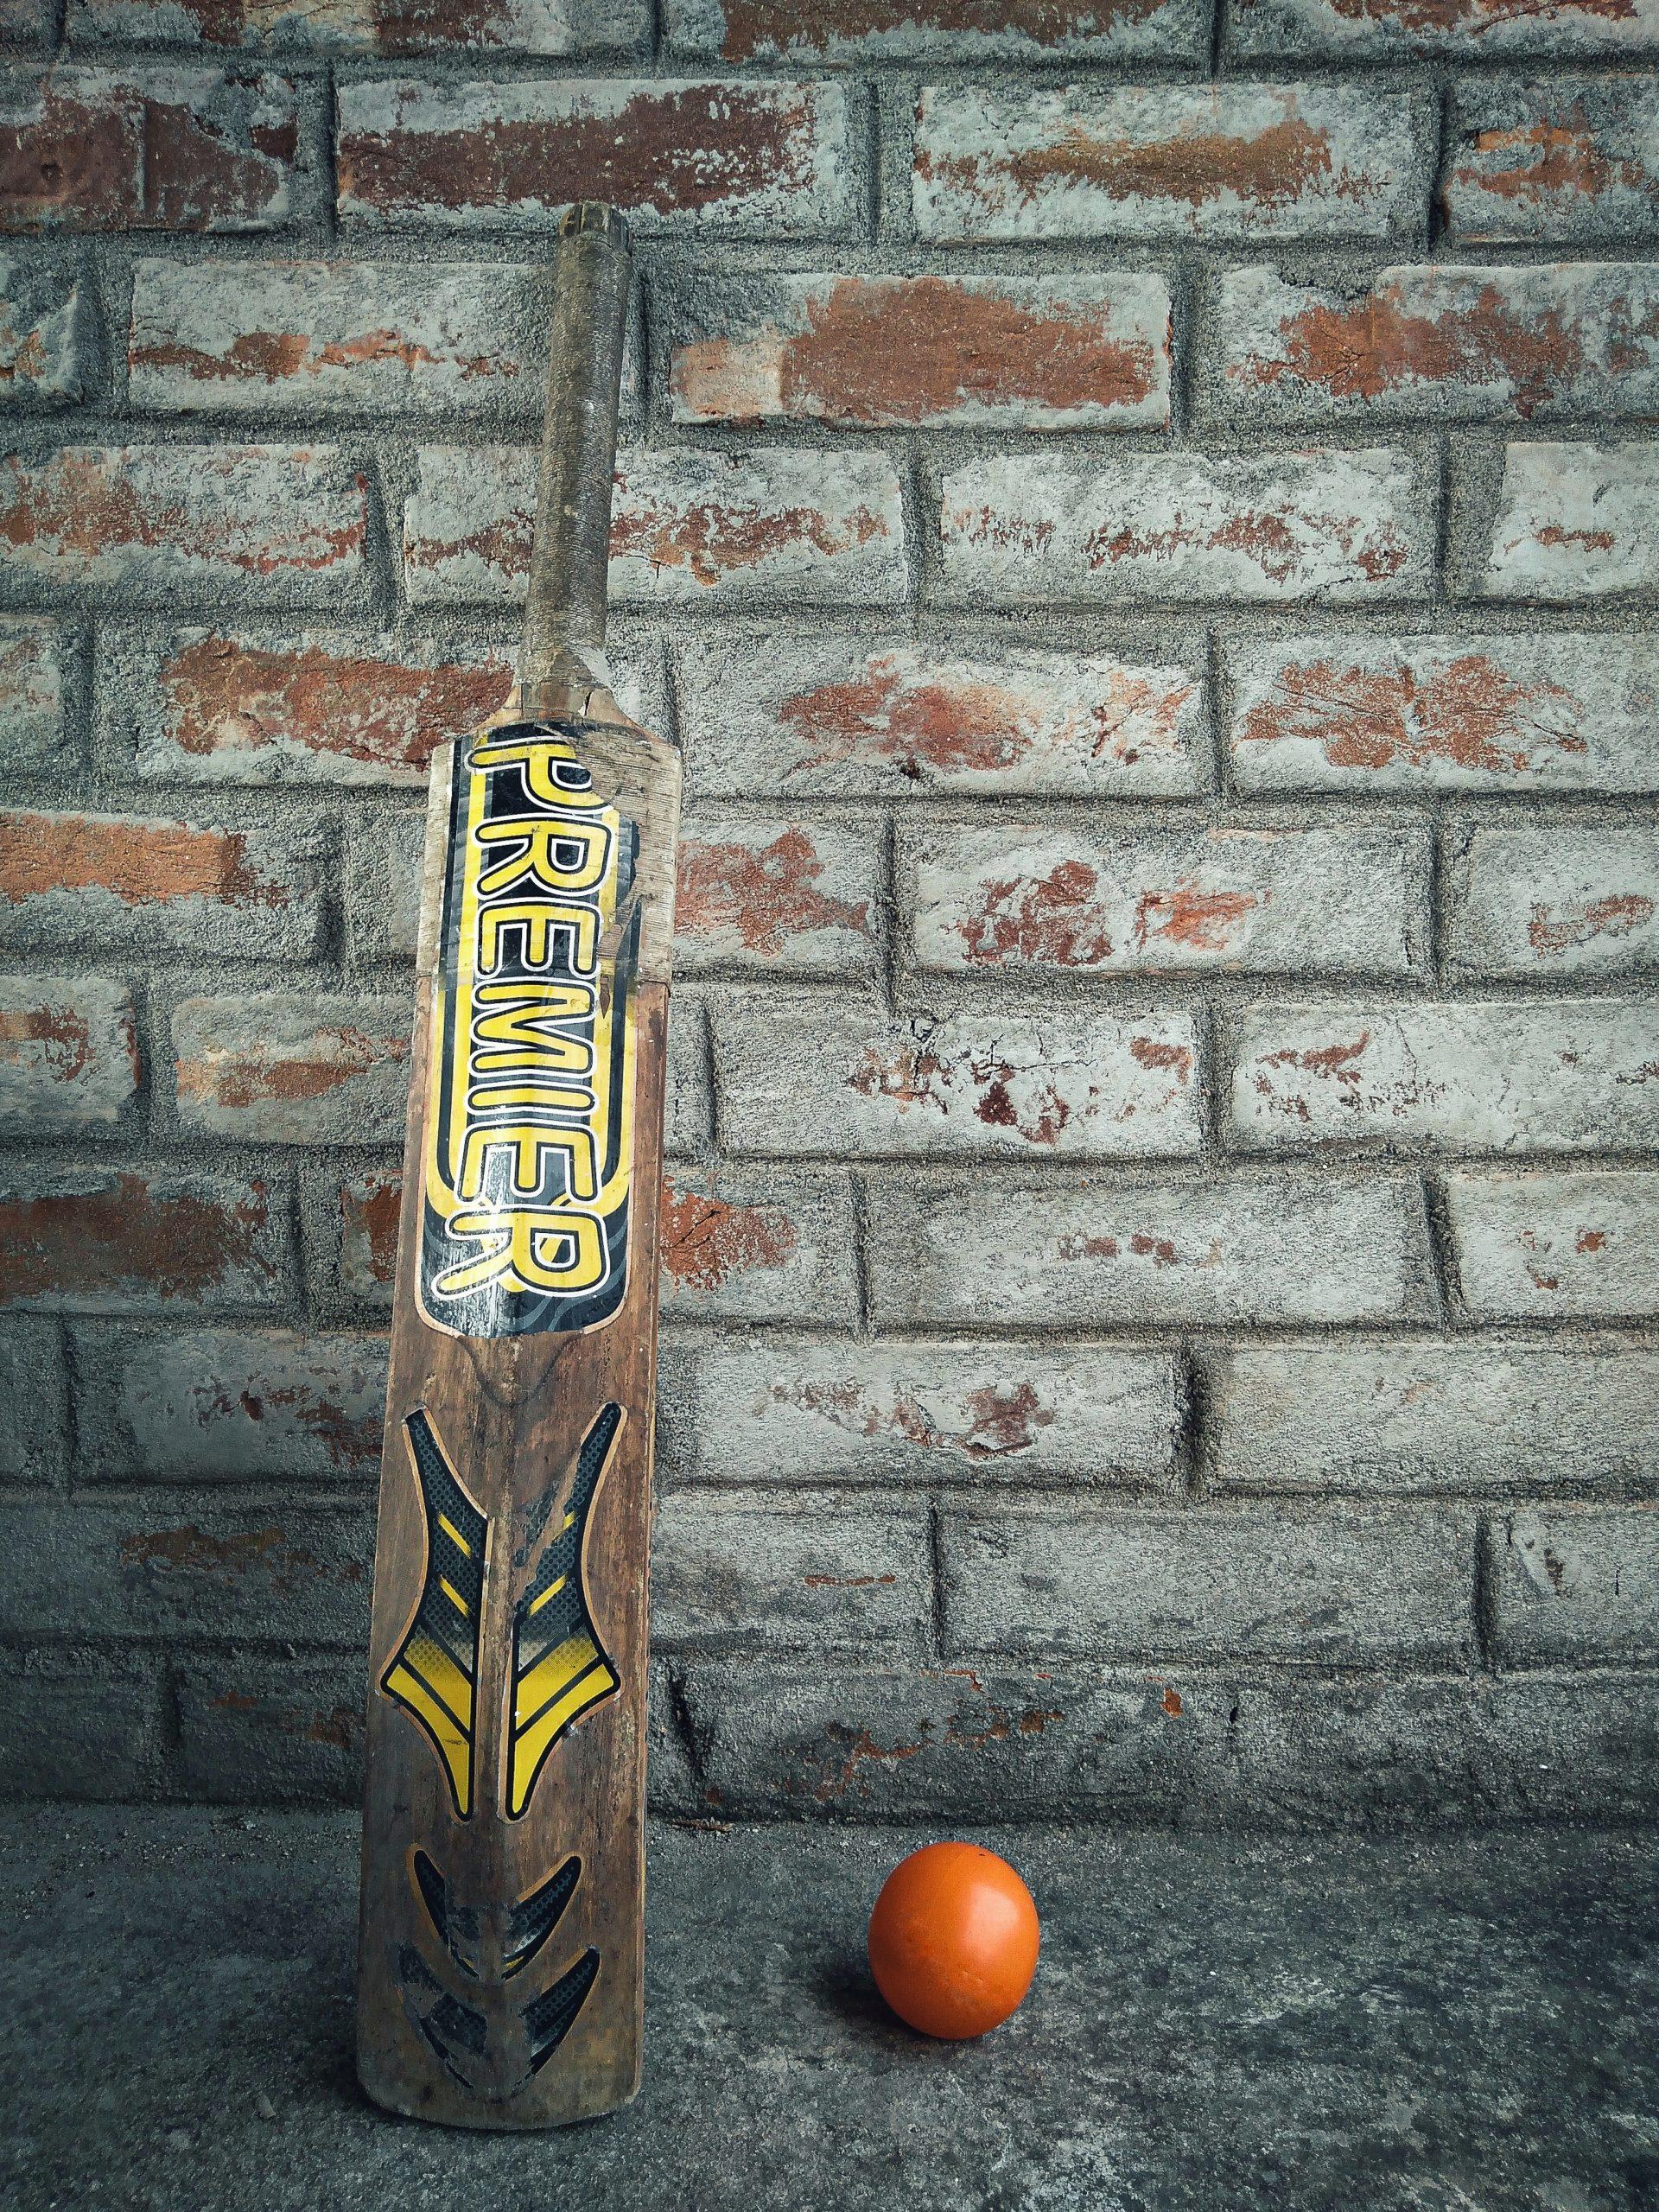 Old cricket bat and ball